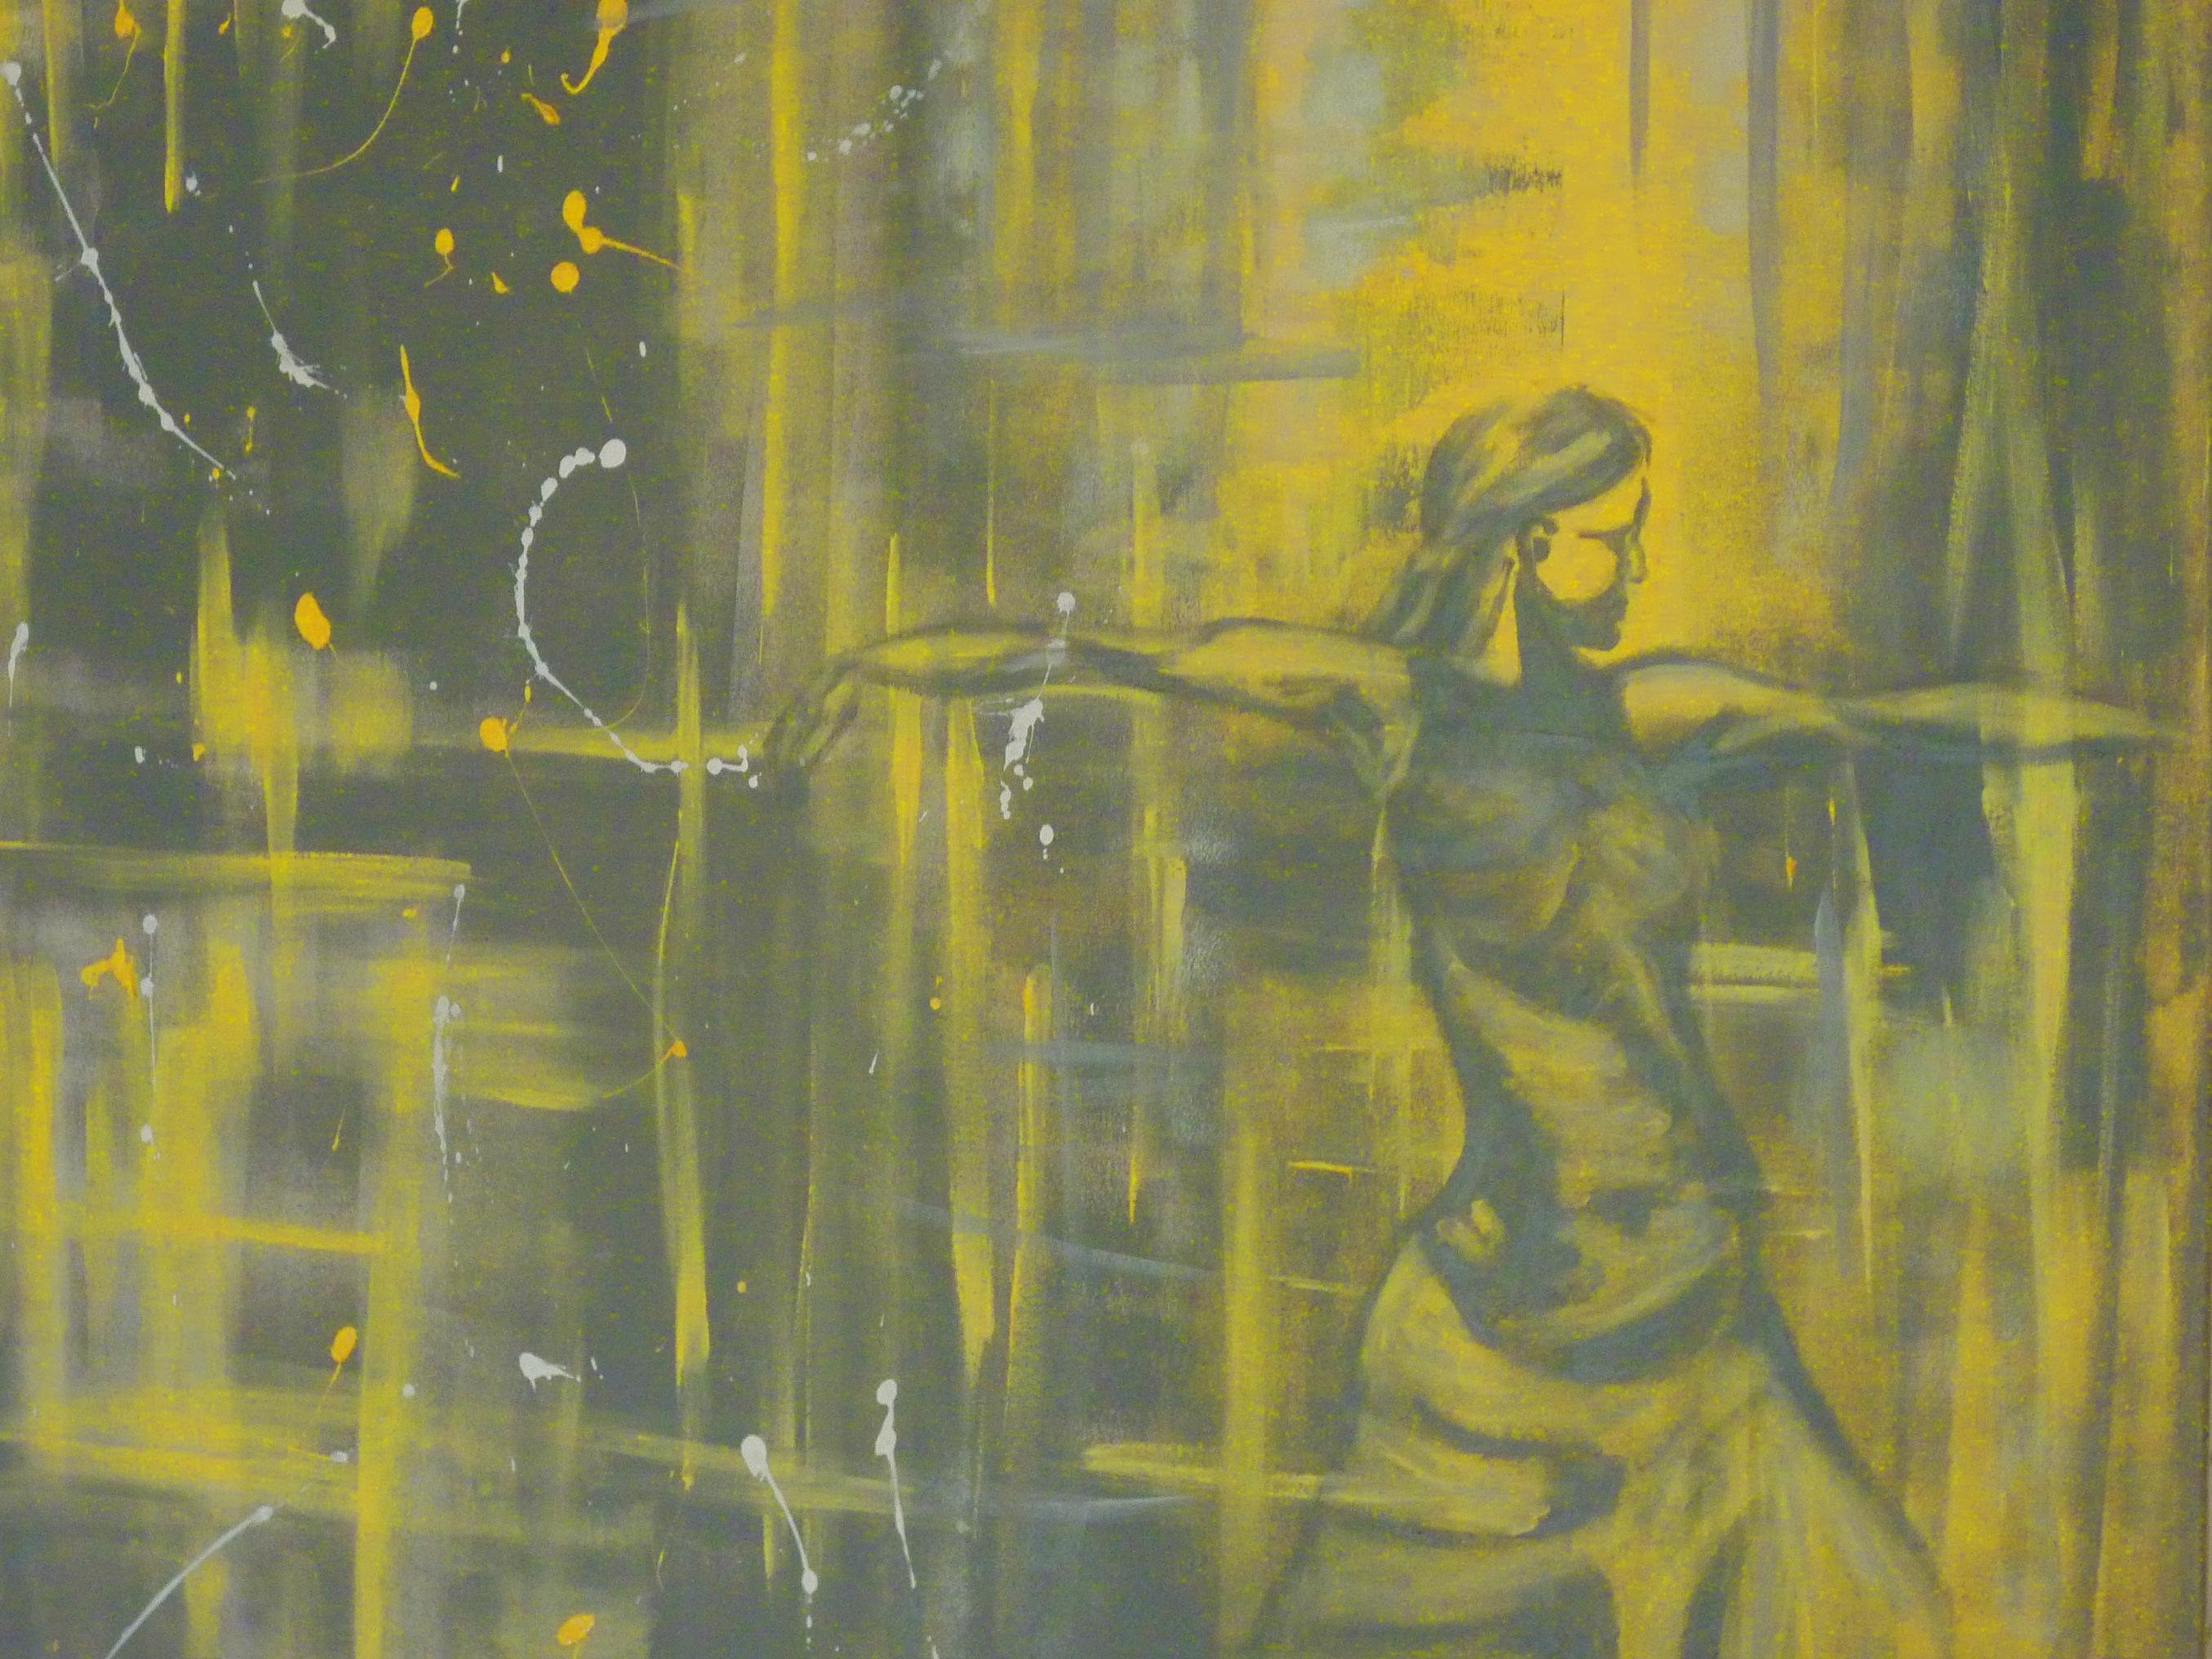 Flamenca I